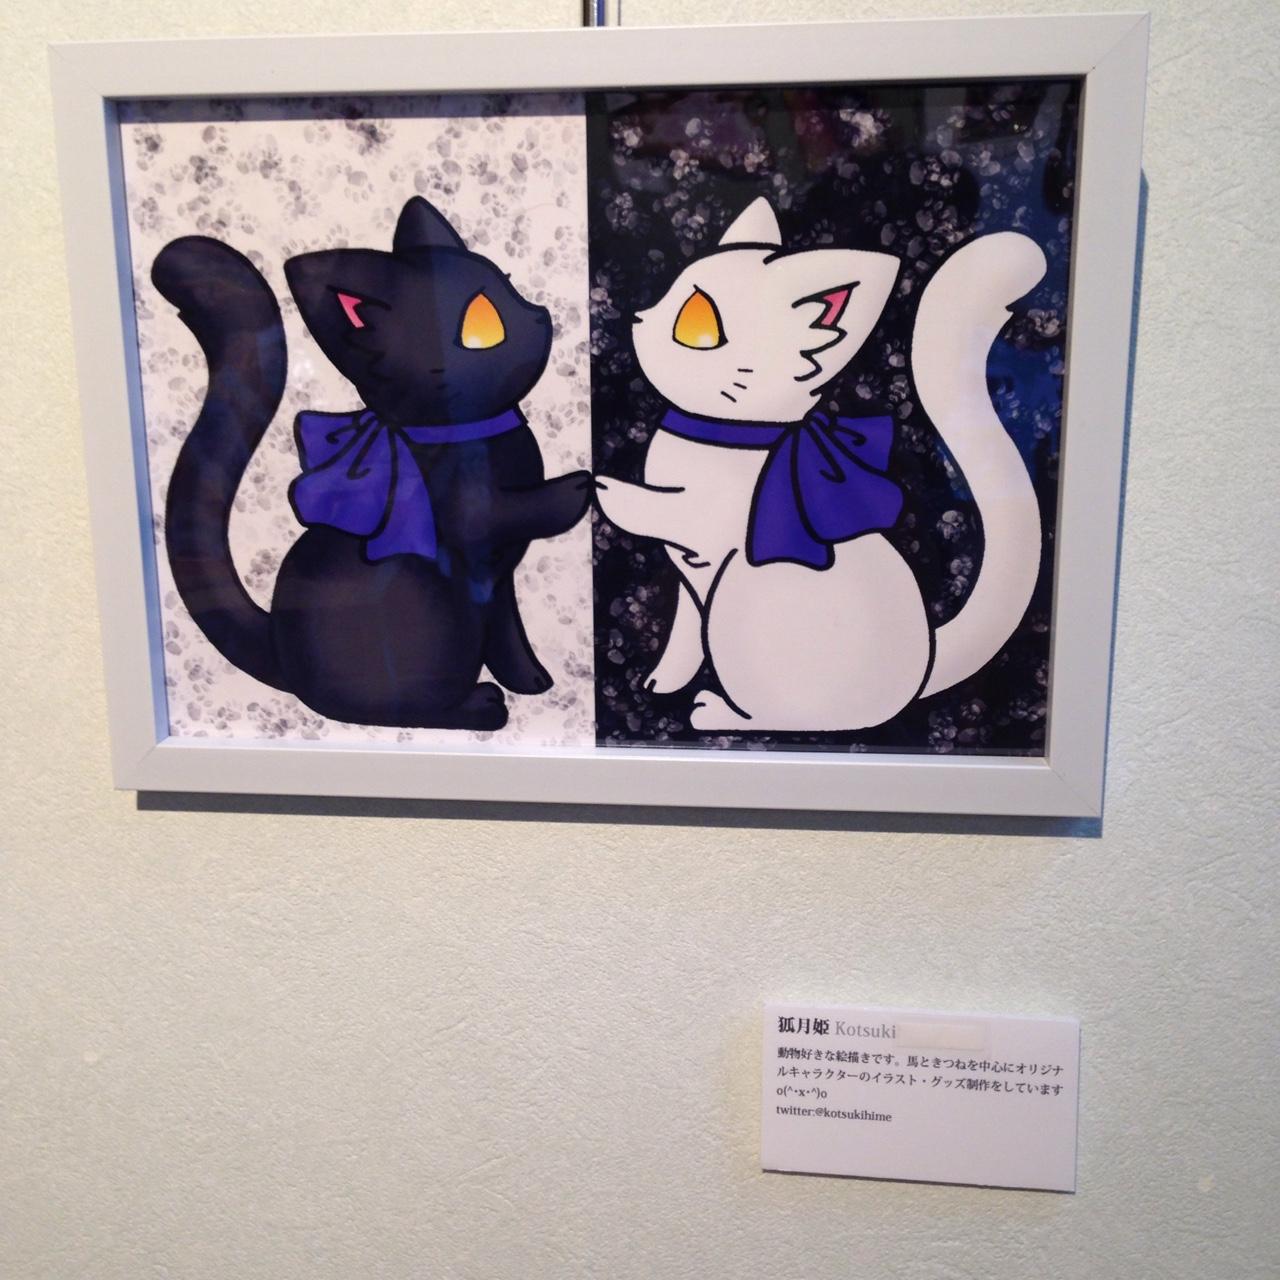 狐月姫さん作品展示